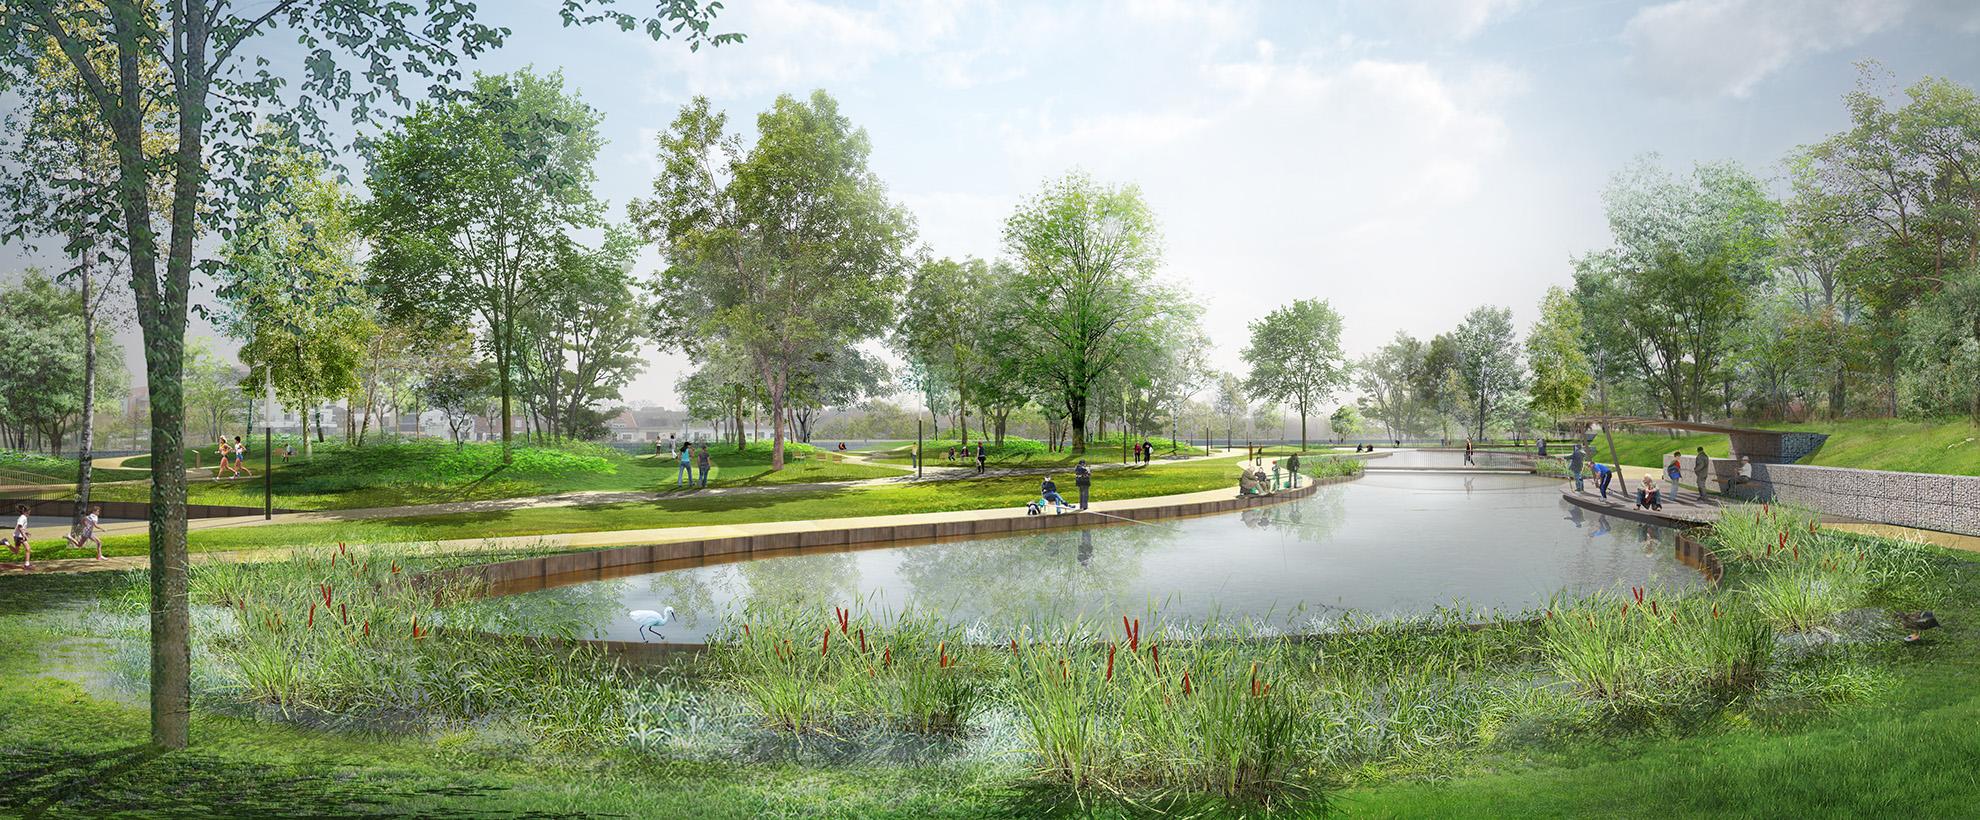 Perspectives sur l'étang de pêche et l'arboretum